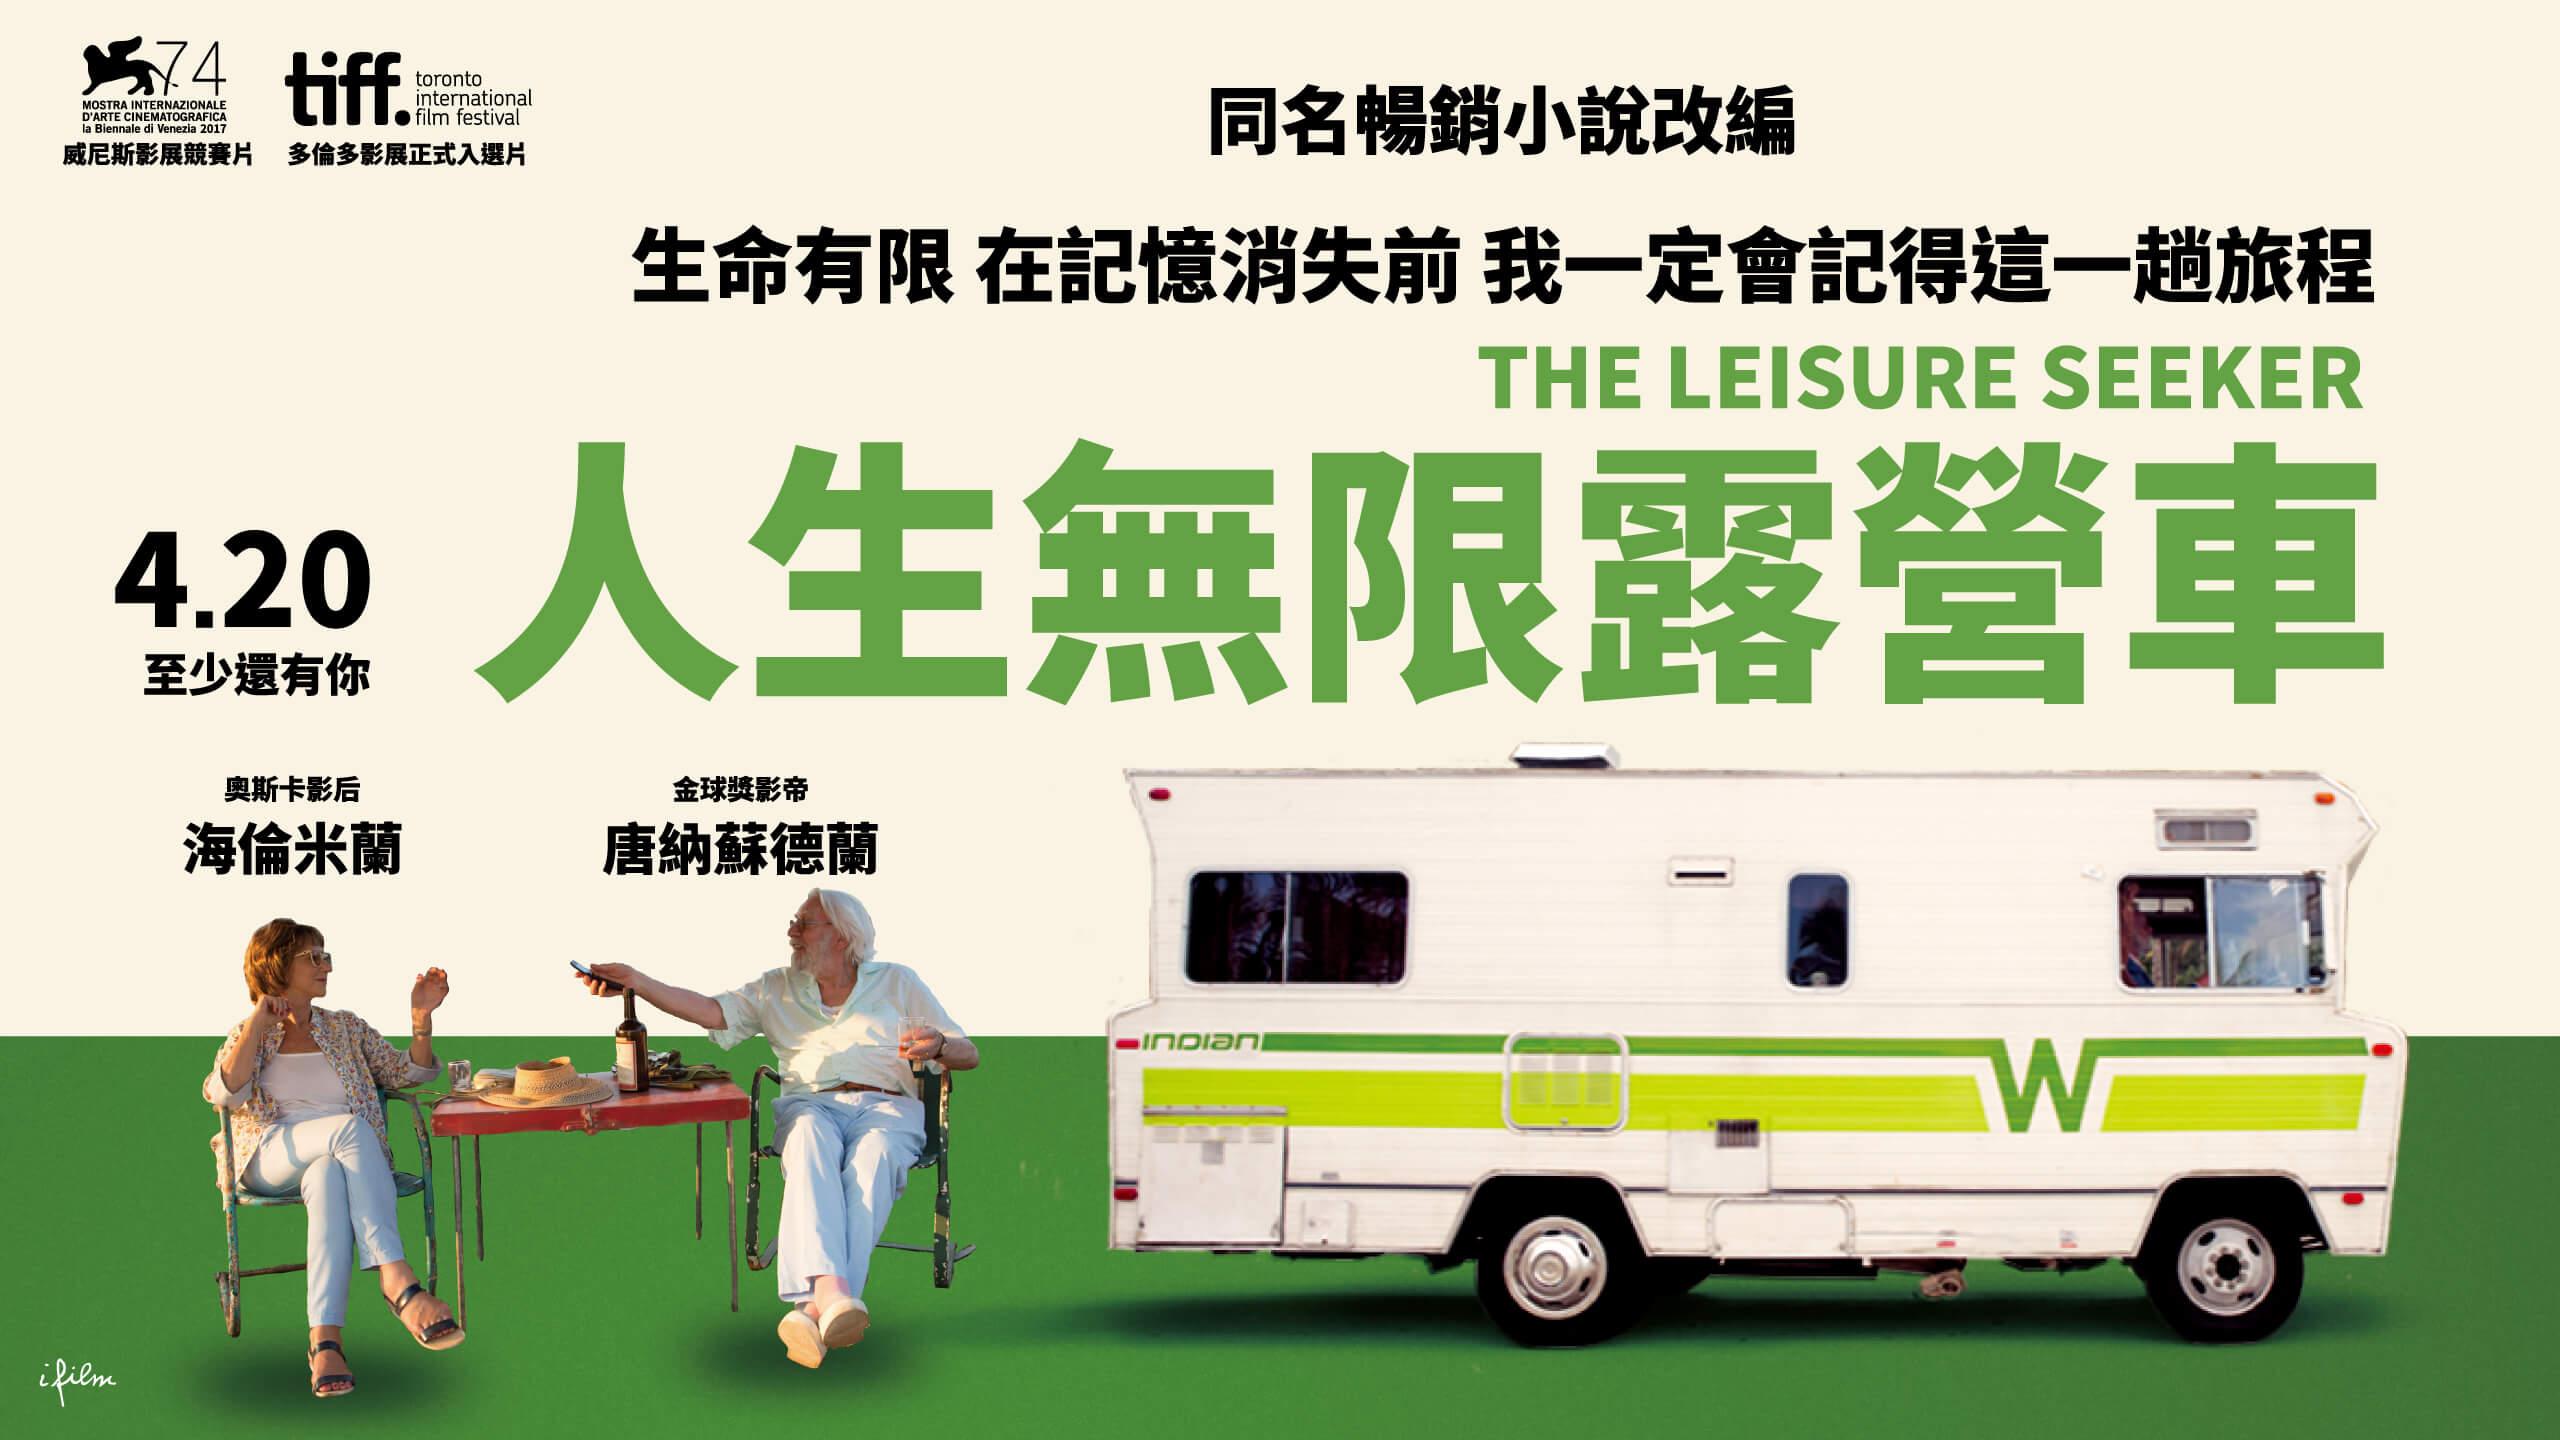 [快閃贈票] 《人生無限露營車》特映會資格(已結束)首圖